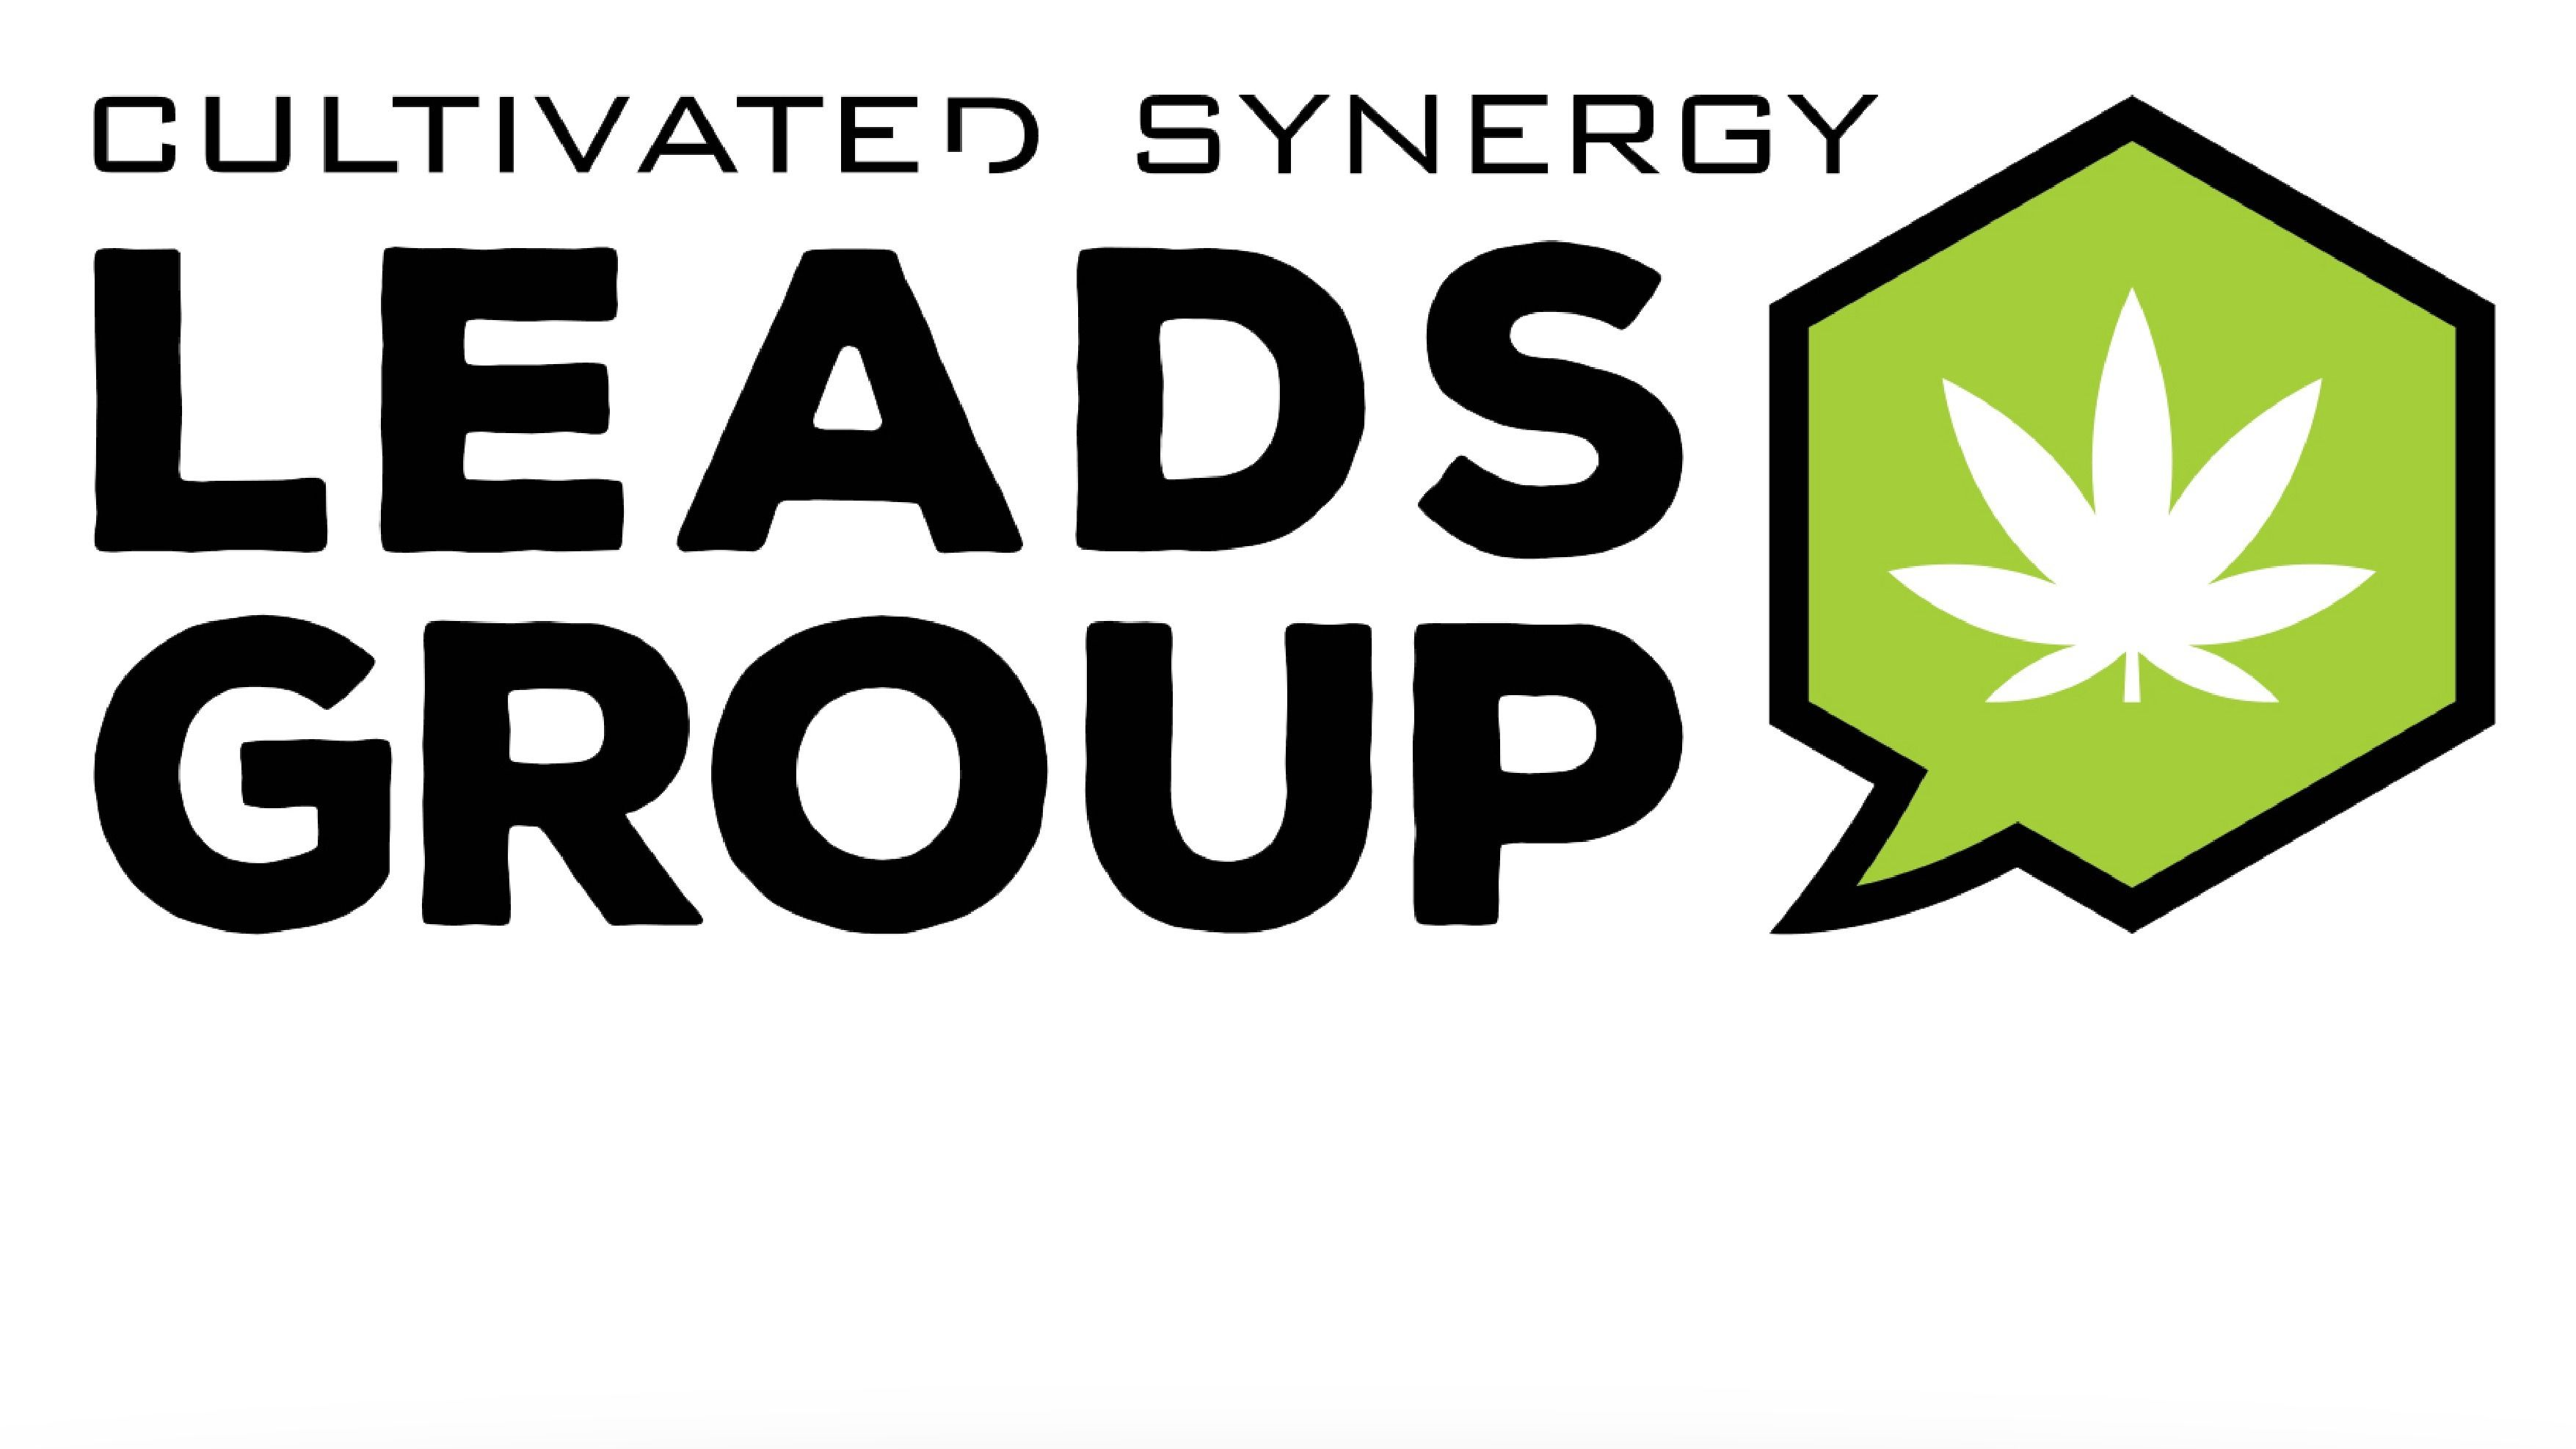 Cannabis & Hemp Lead's Group